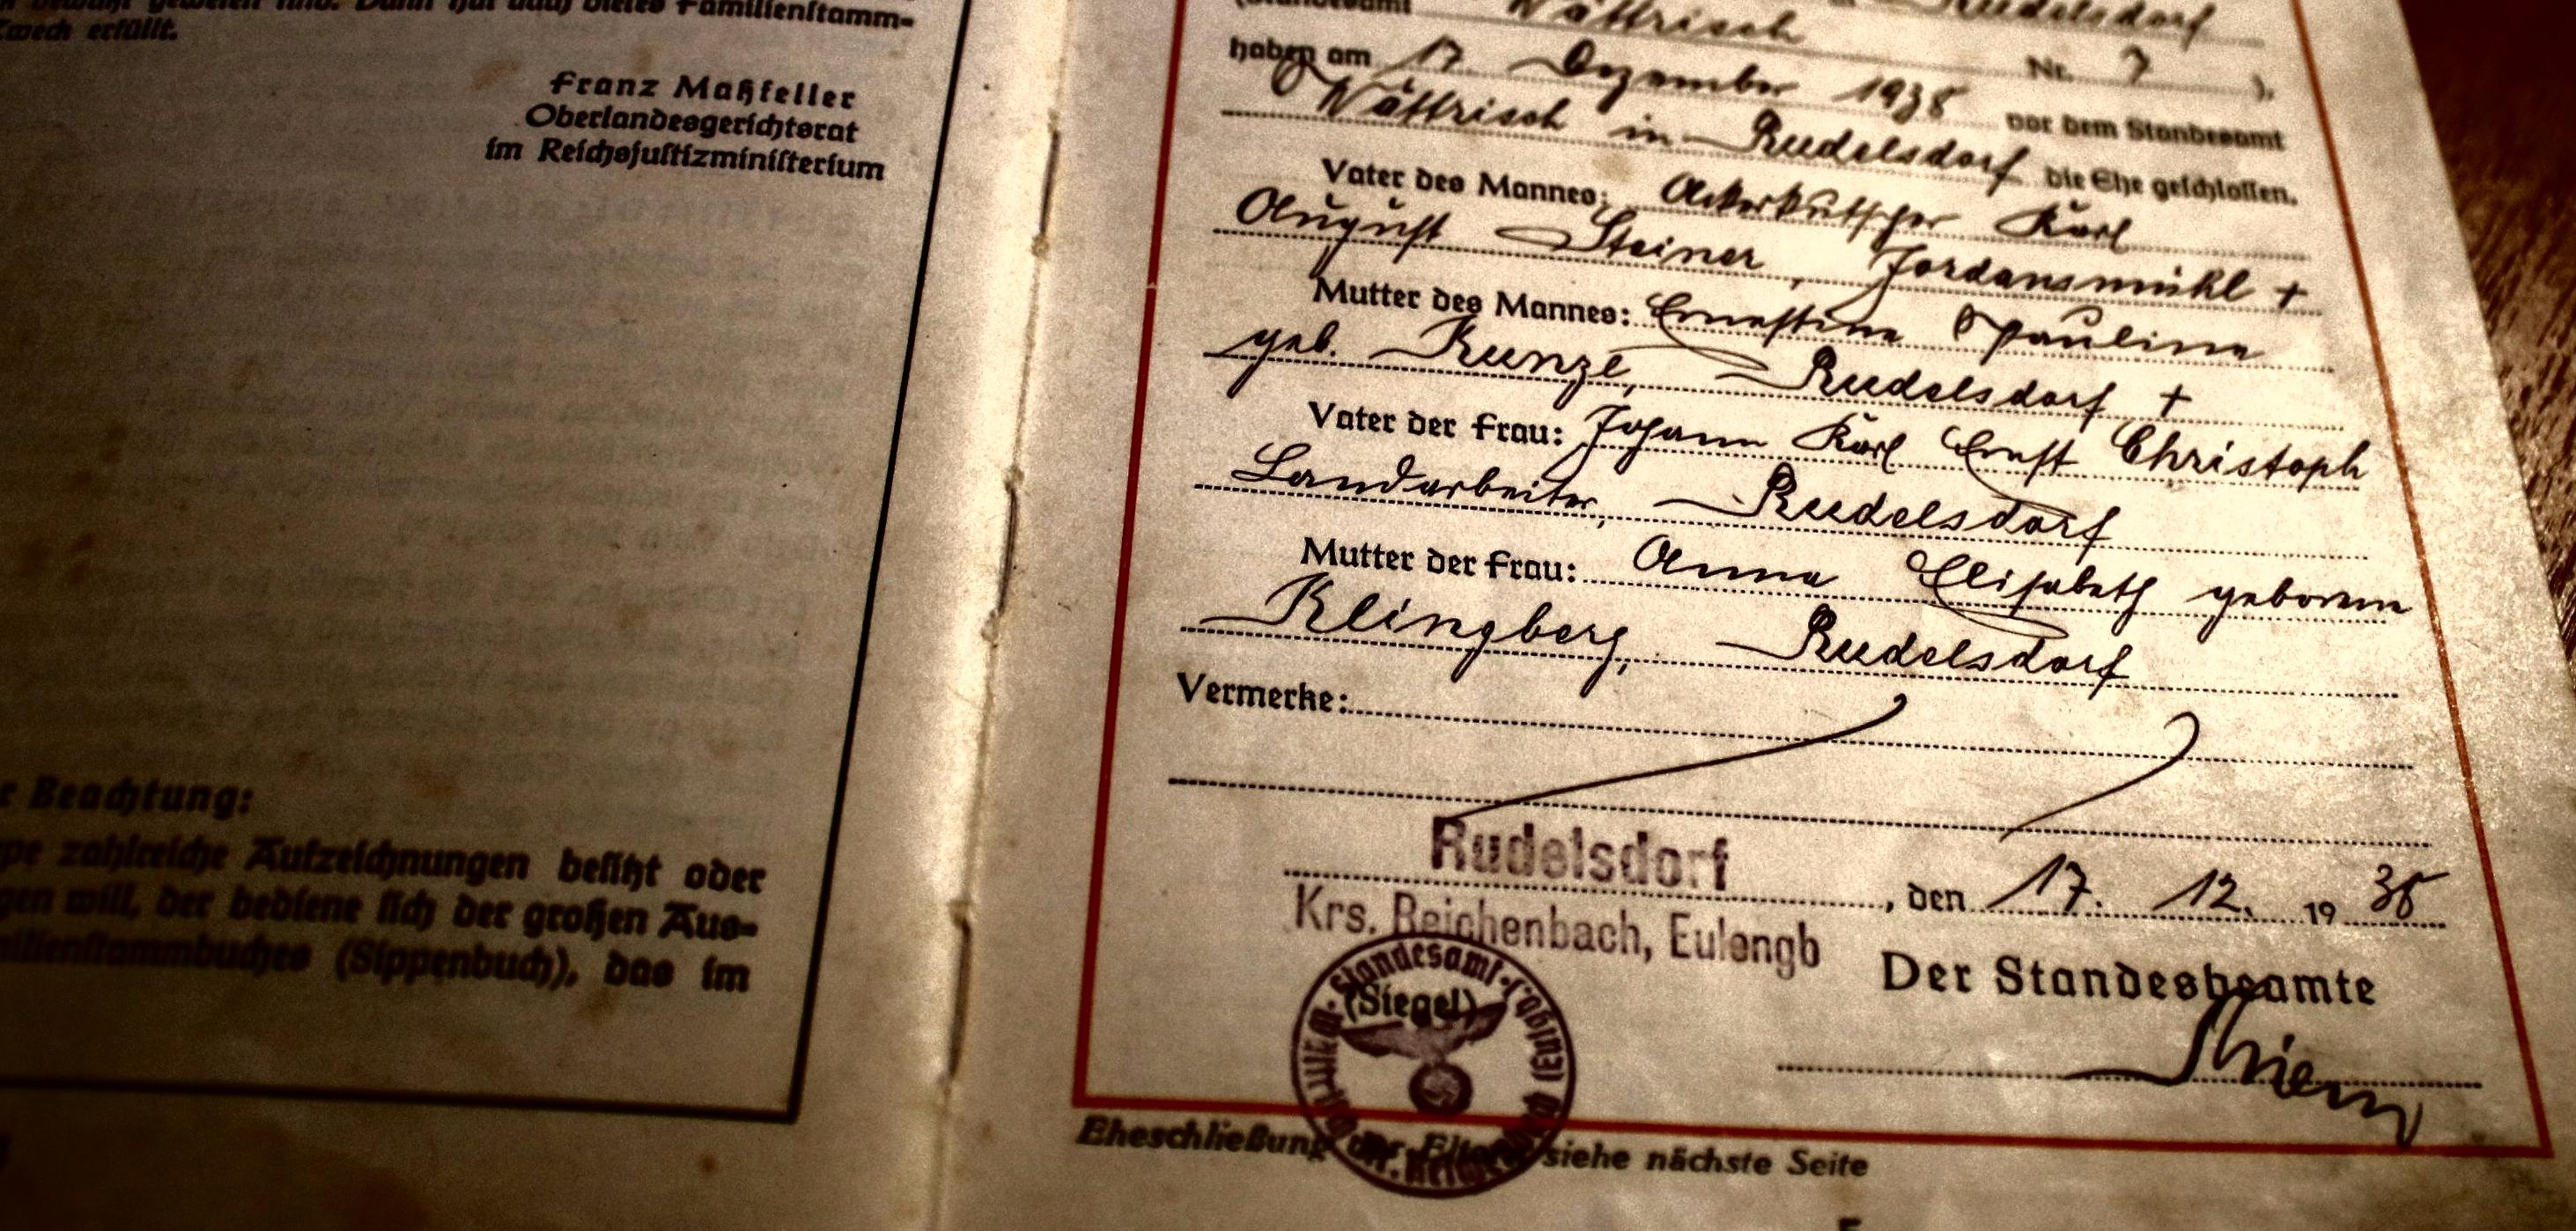 Ahnenforschung steiner christoph - Steiner, Schlesien, Rudelsdorf, Niederschlesien, Landarbeiter, Kunze, Kreis Reichenbach, Klingberg, Jordansmühl, Christoph, Ackerkutscher, 1938, 1915, 1913